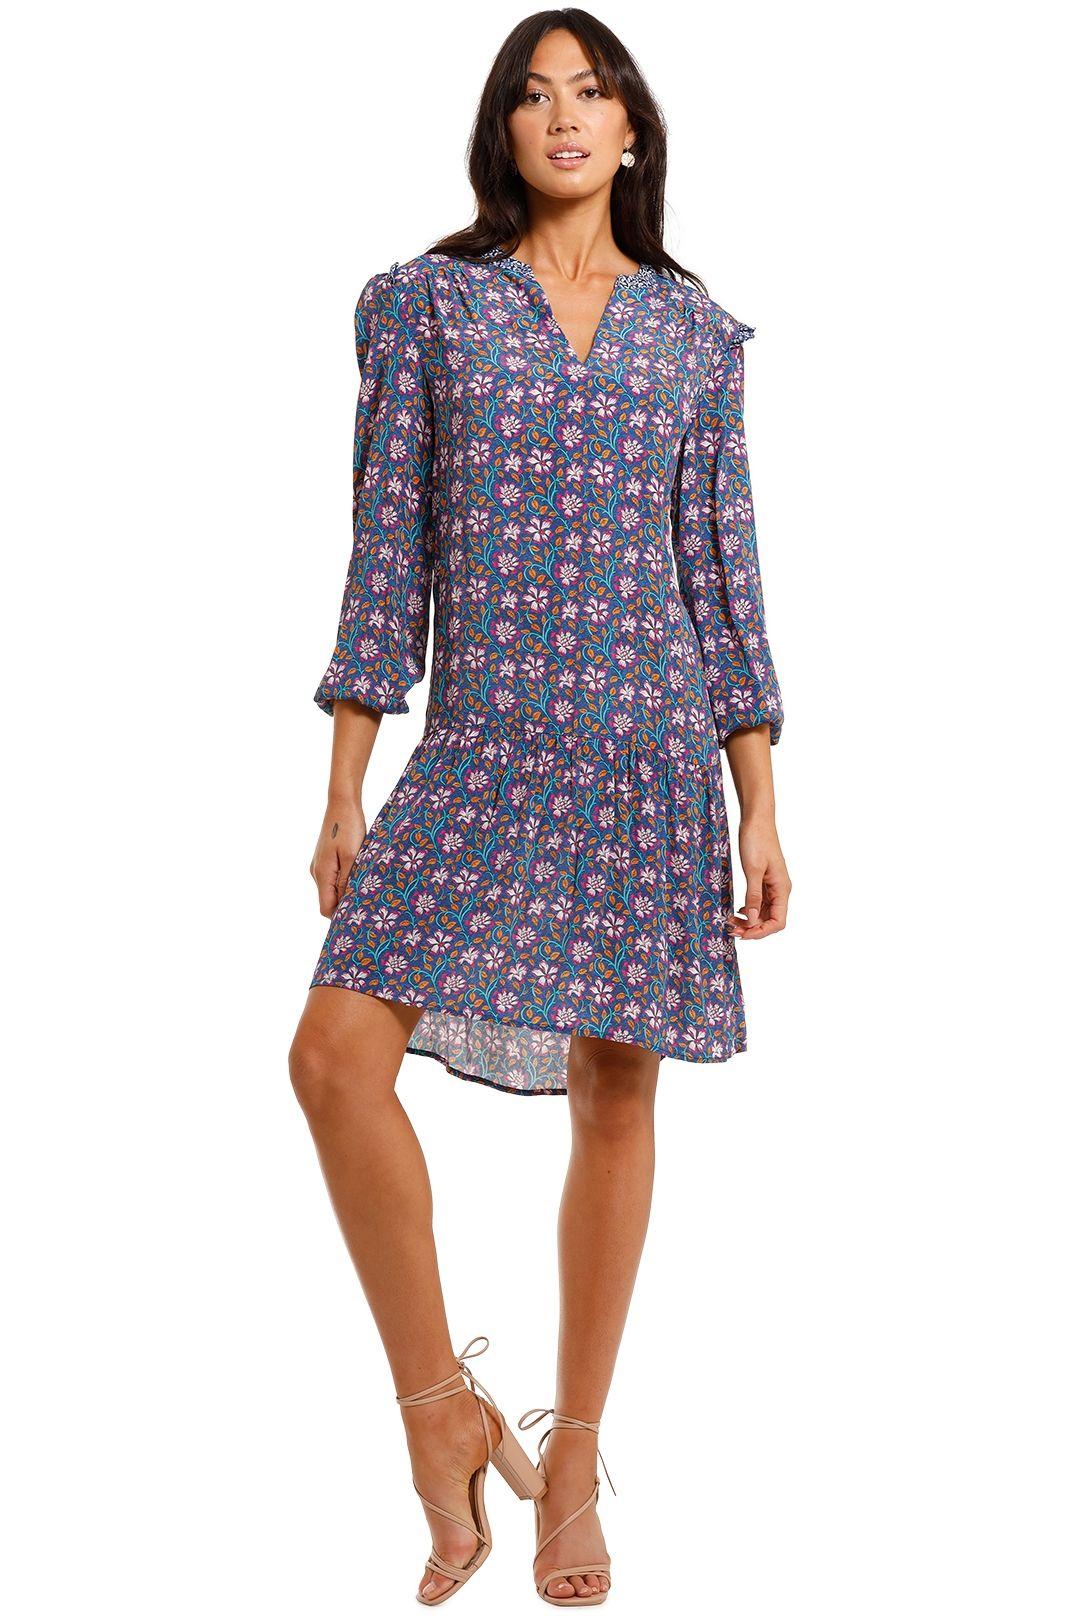 Kachel Lisa V Neck Mini Dress